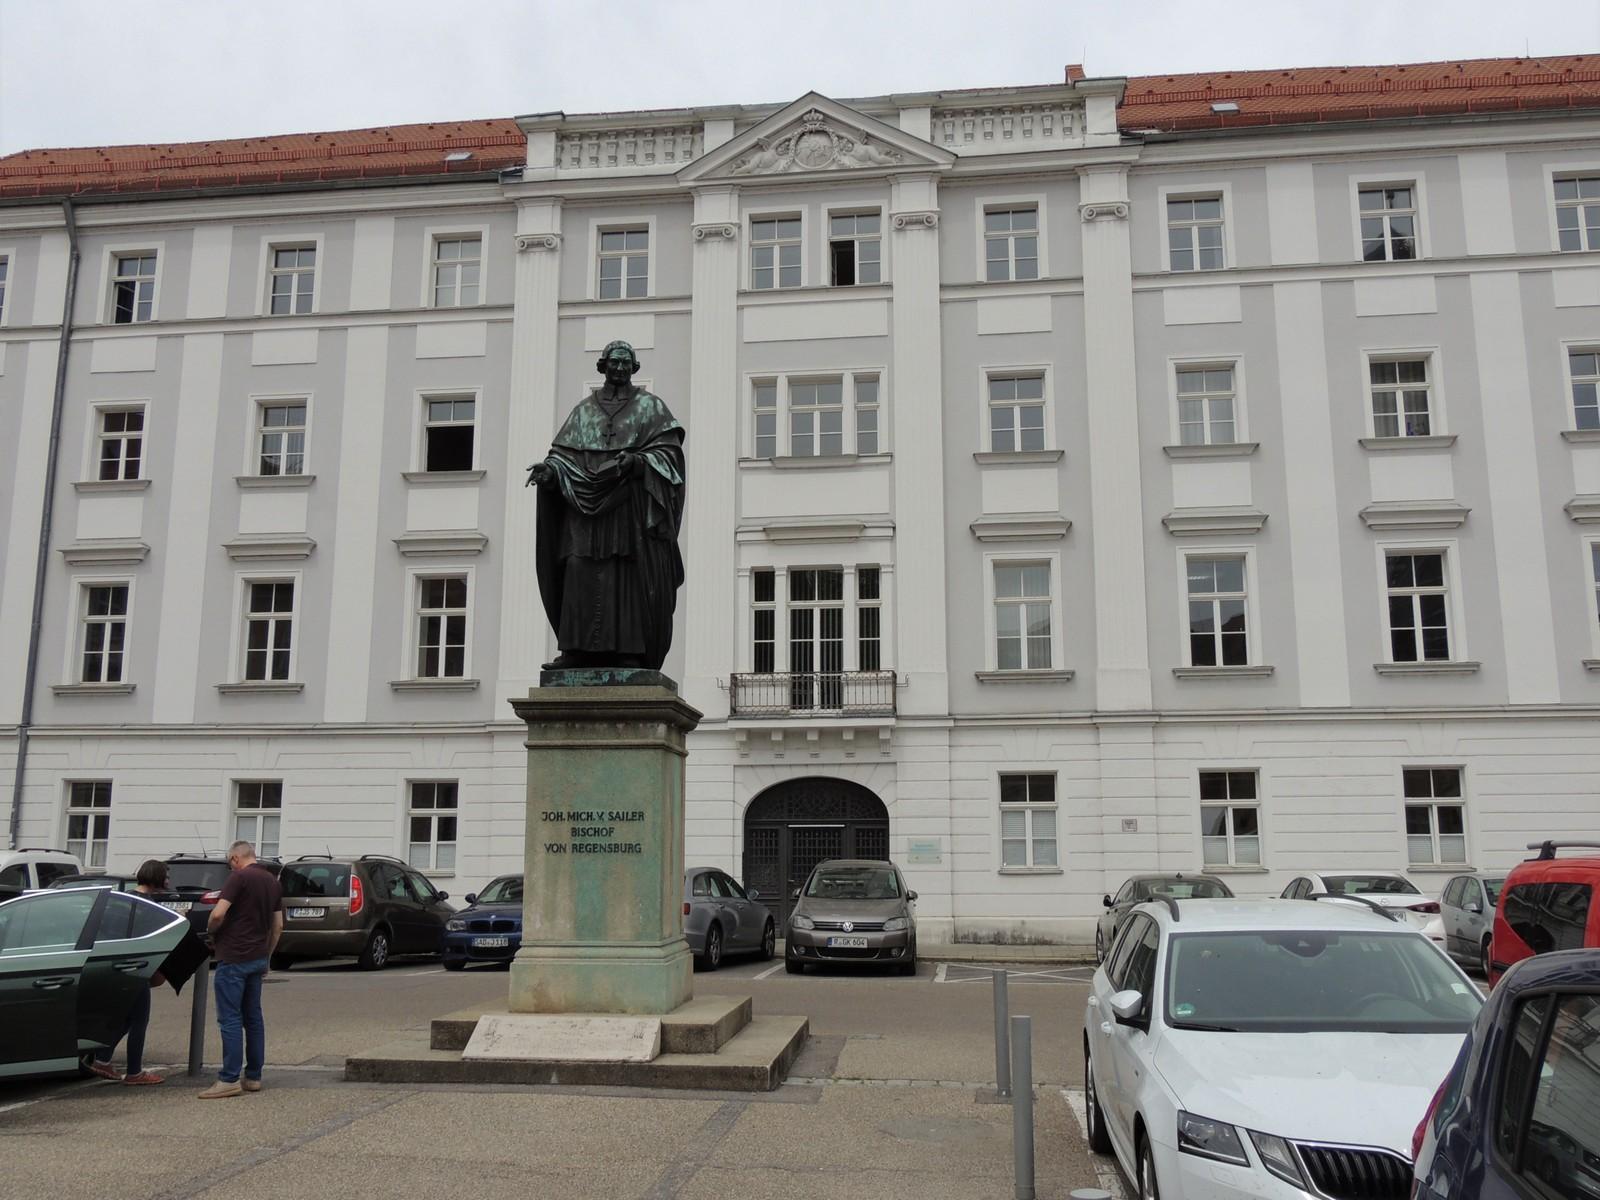 Regensburg - Emmeransplatz - Bronzestandbild Johann Michael Sailer, Bischof von Regensburg.